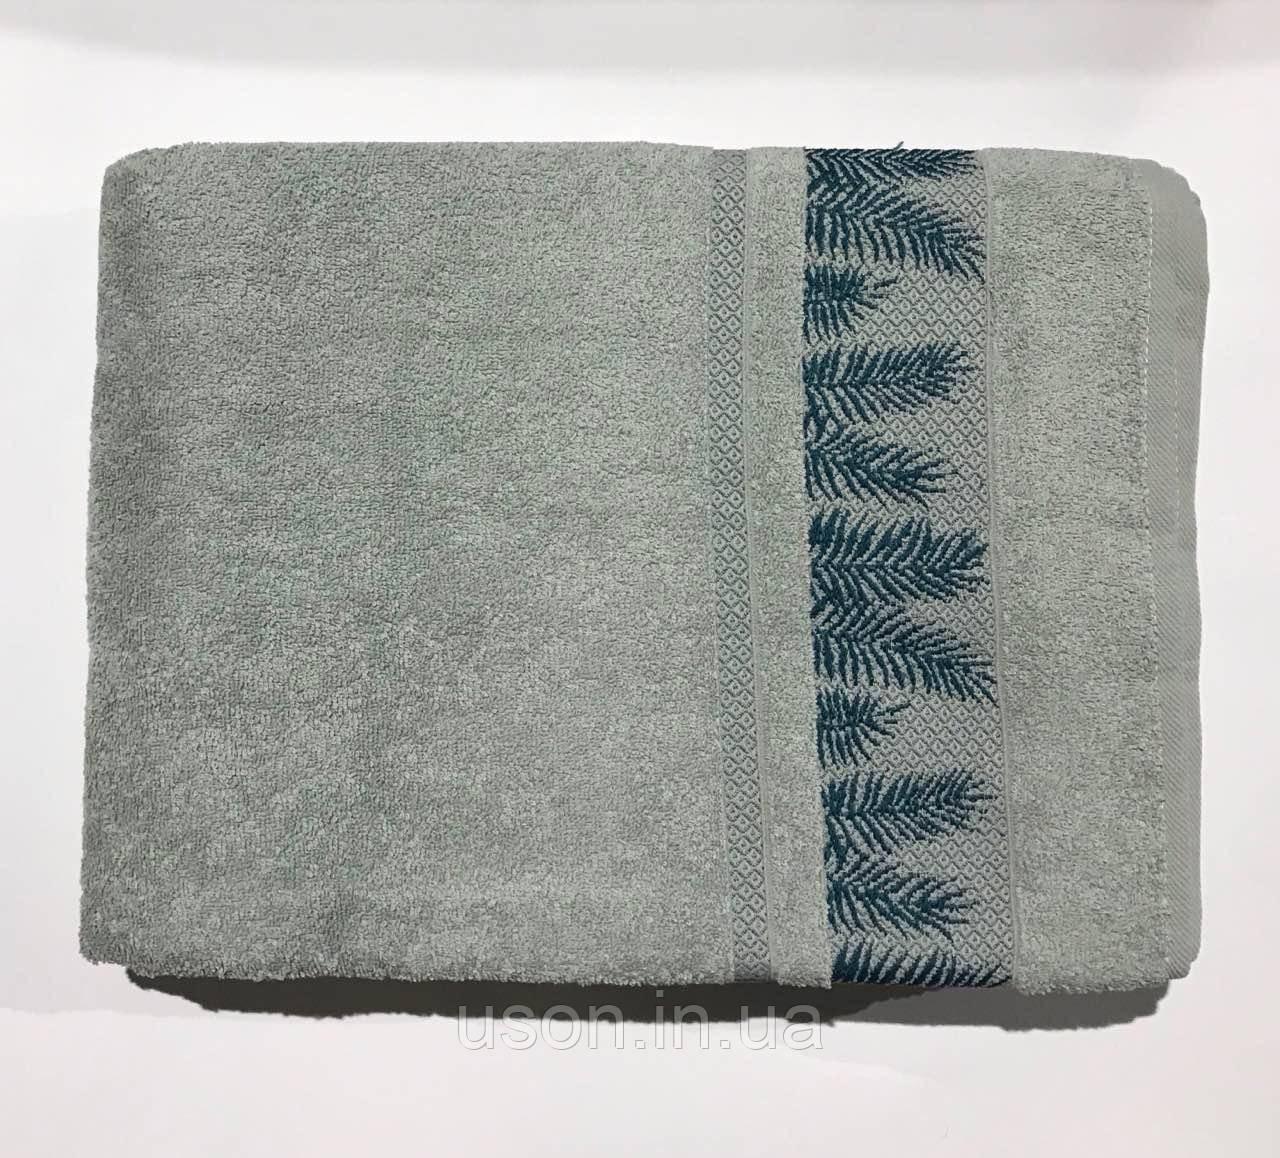 Махровая простынь - Пике Sikel махра  200*220 см Cotton mint